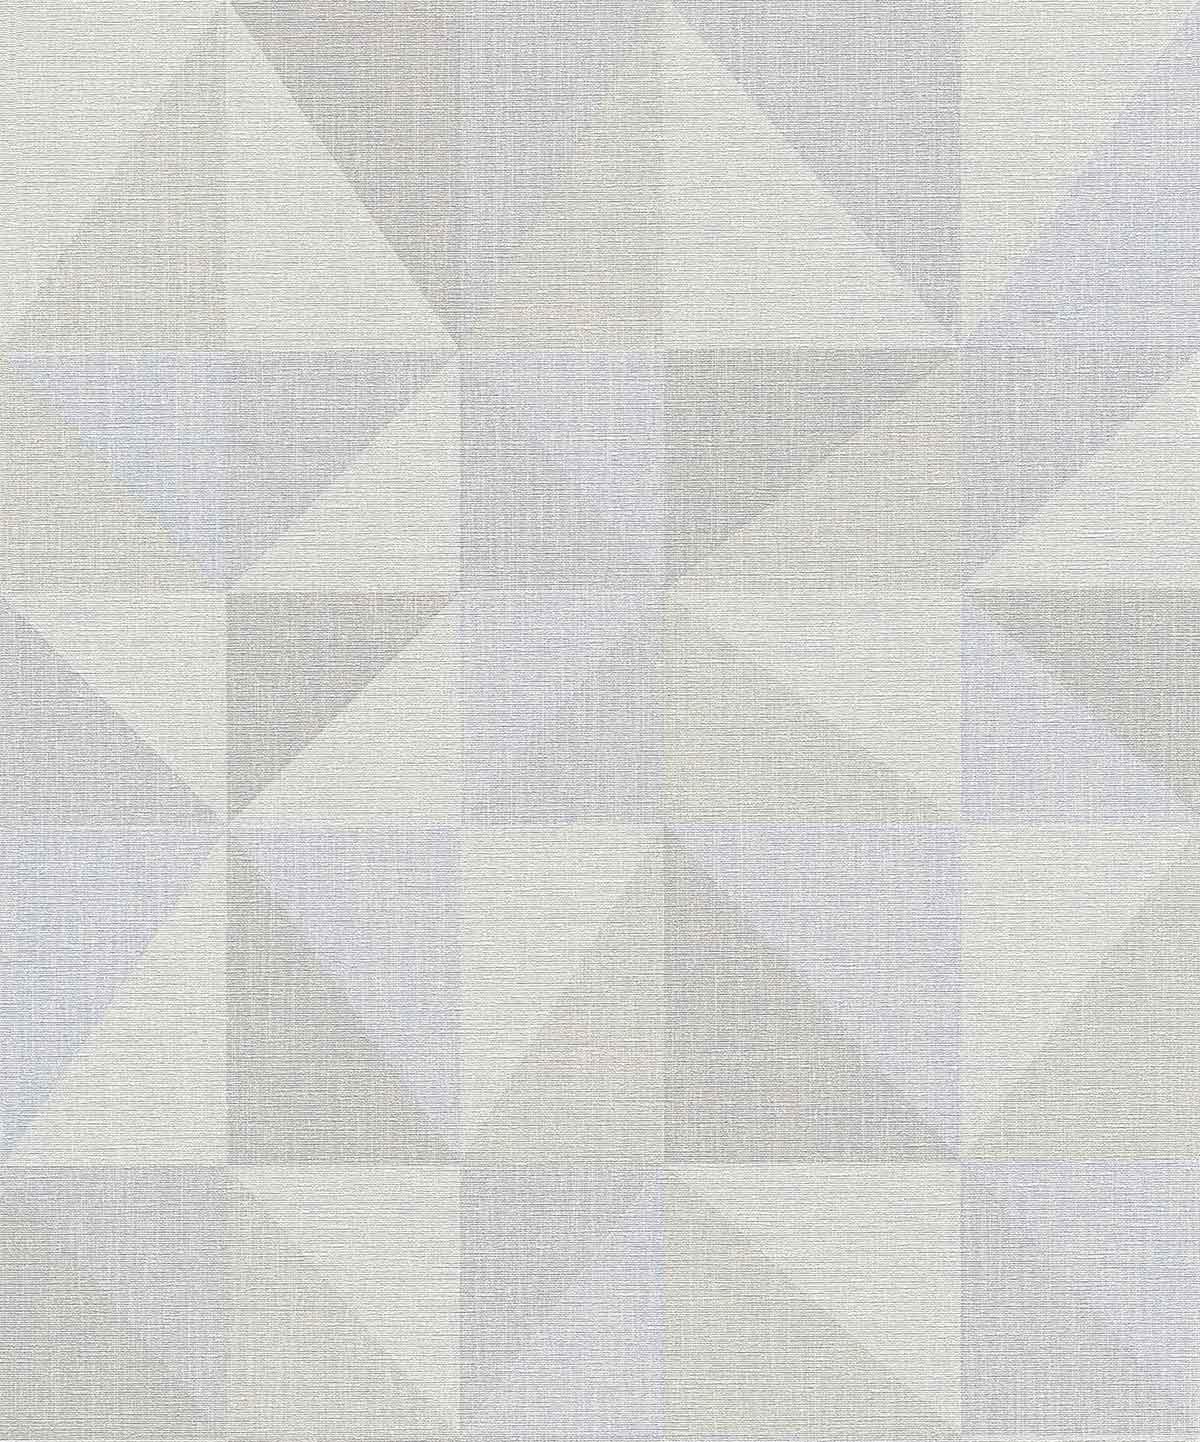 Papier peint à Carrés Bicolores - Gris Bleu - 10 ml x 0,53 m